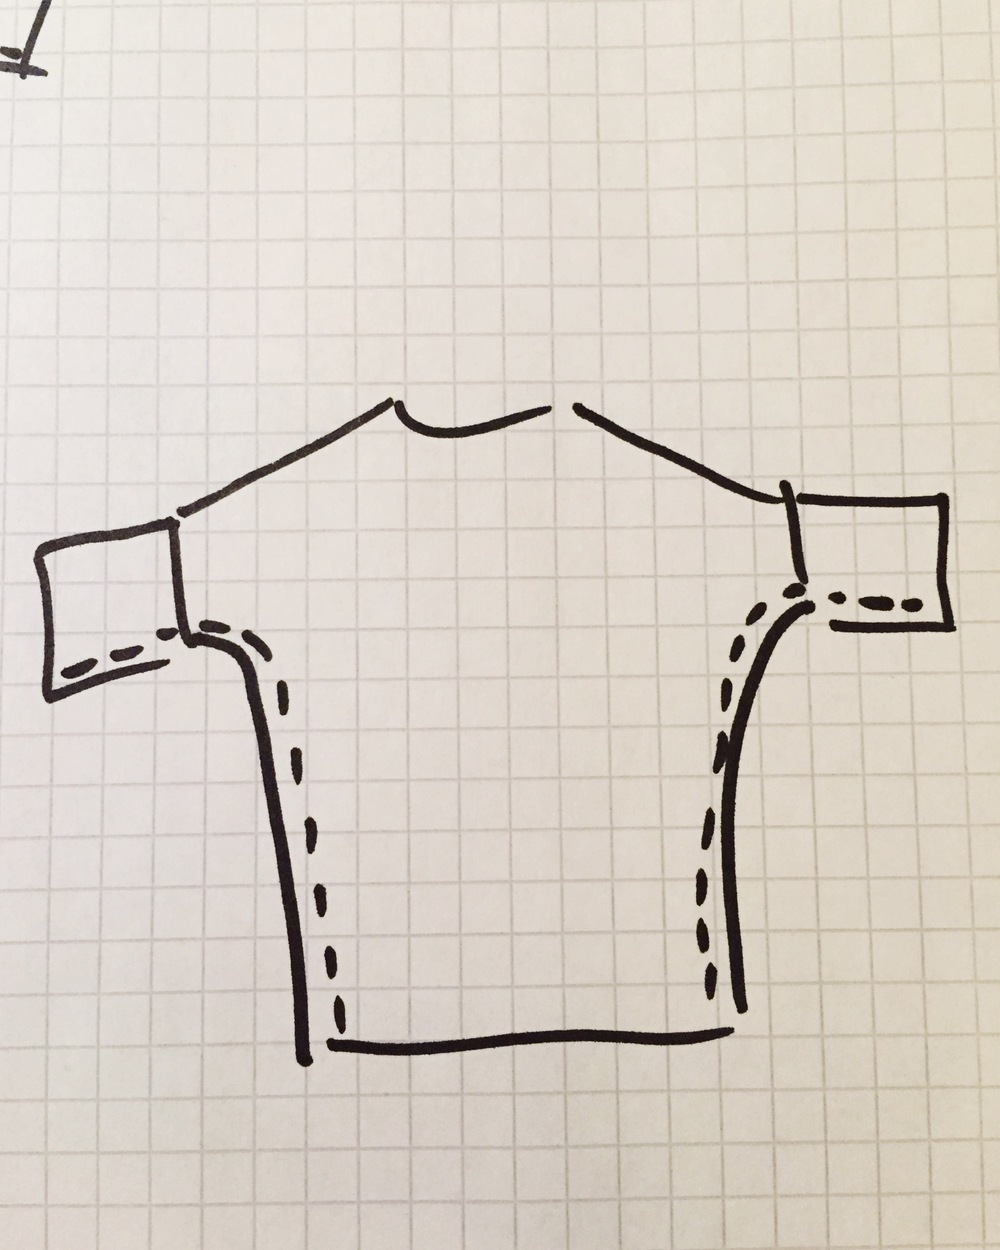 5. Alles aufklappen, rechte Seite schaut nach oben. Nun den Pulli an der Schulternaht zuklappen, so dass die Form des späteren Pullis zu sehen ist. Die innere /linke Seite sollte nun oben liegen. Vom Ärmel über die Achsel die Seitennähte zunähen.